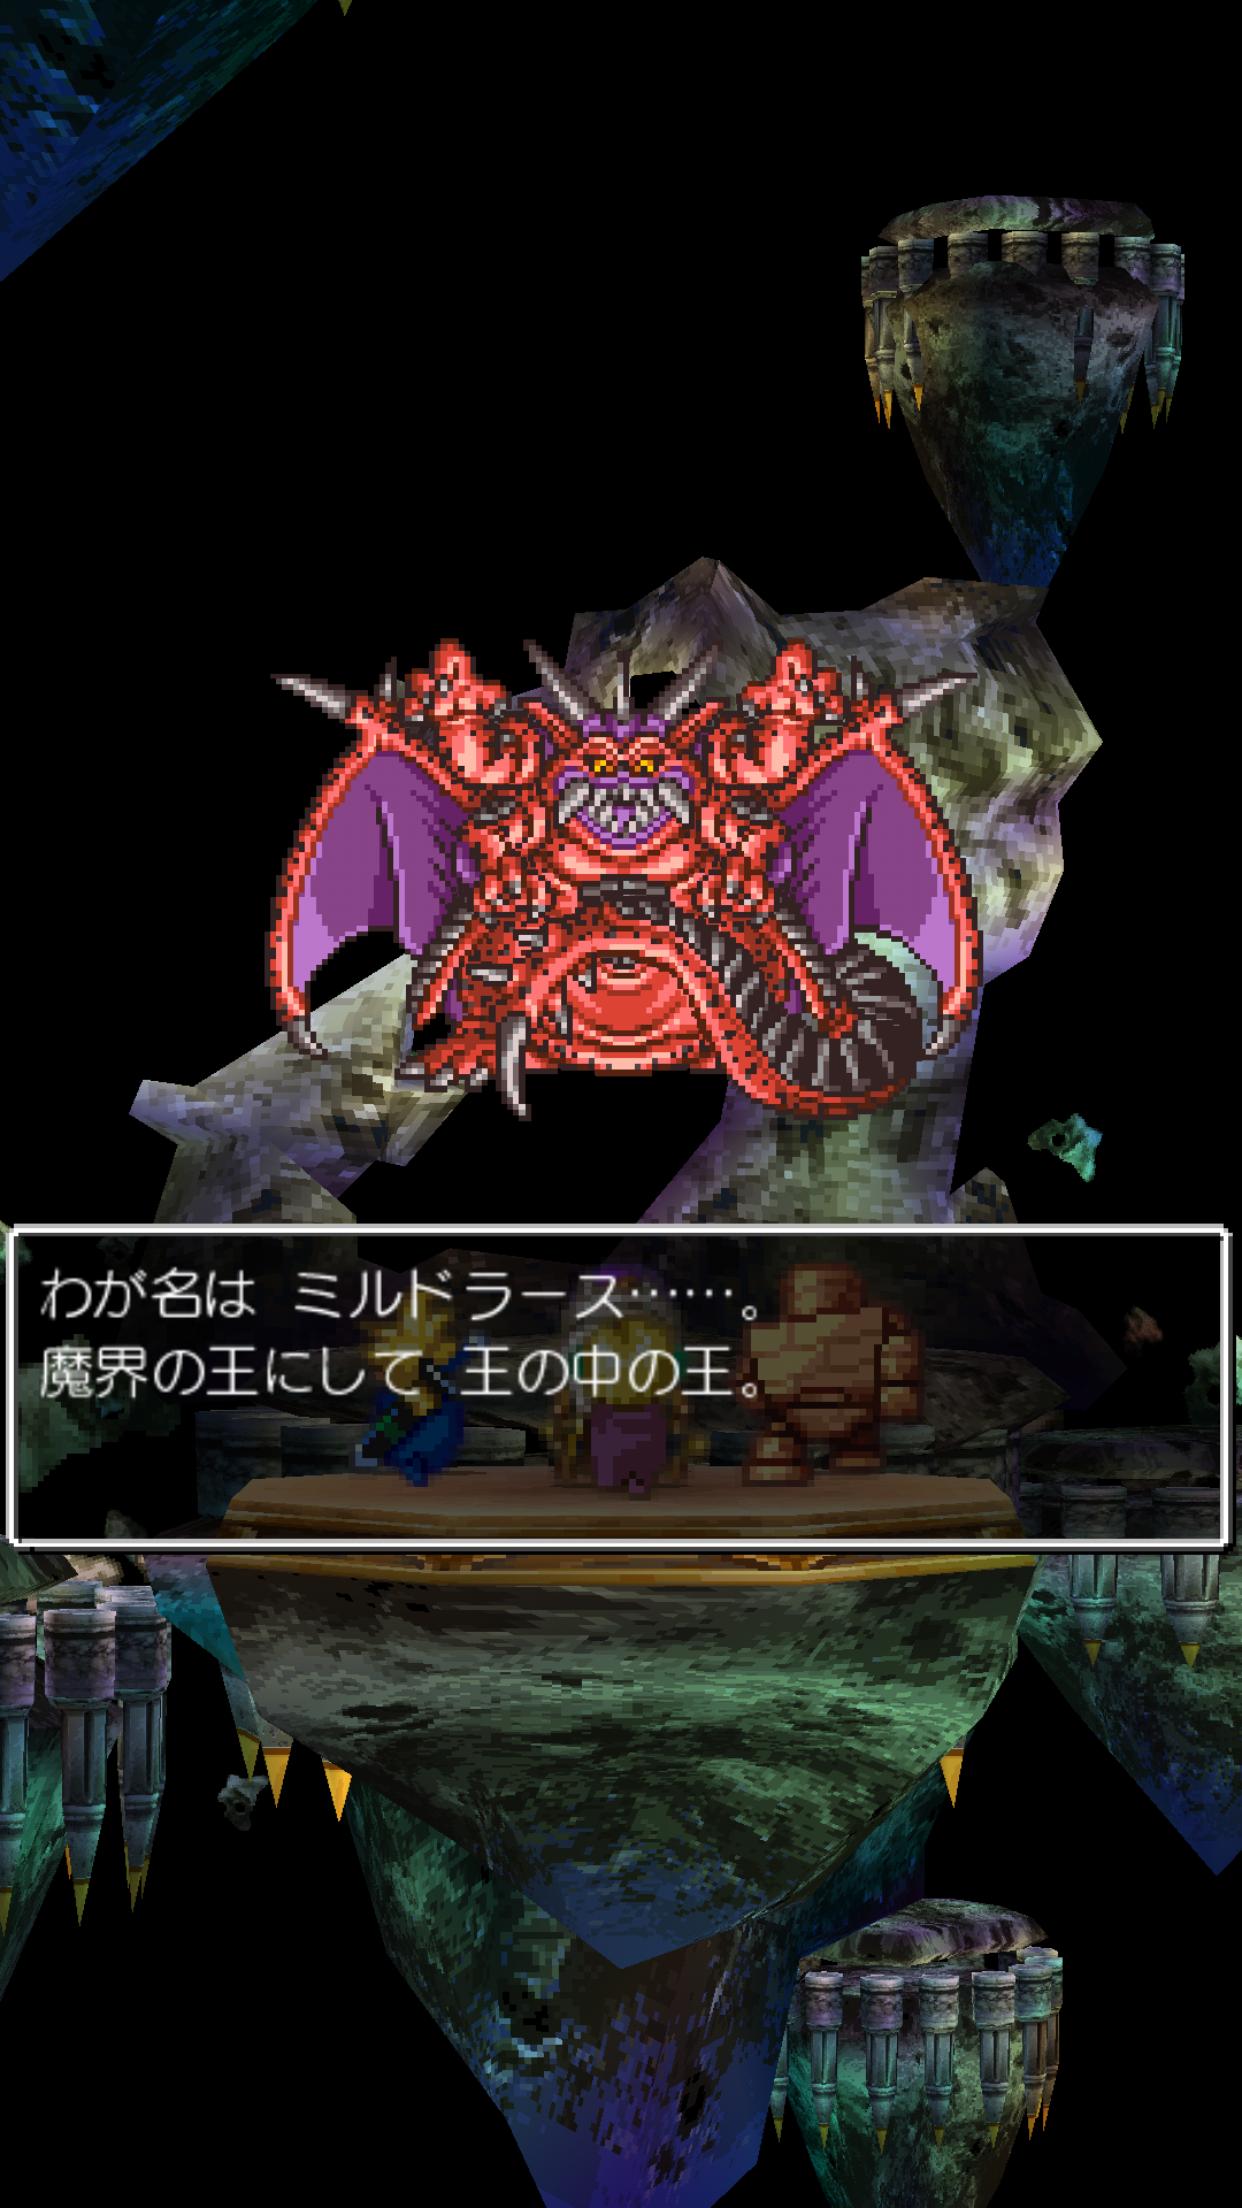 f:id:masanori-kato1972:20190515201335p:image